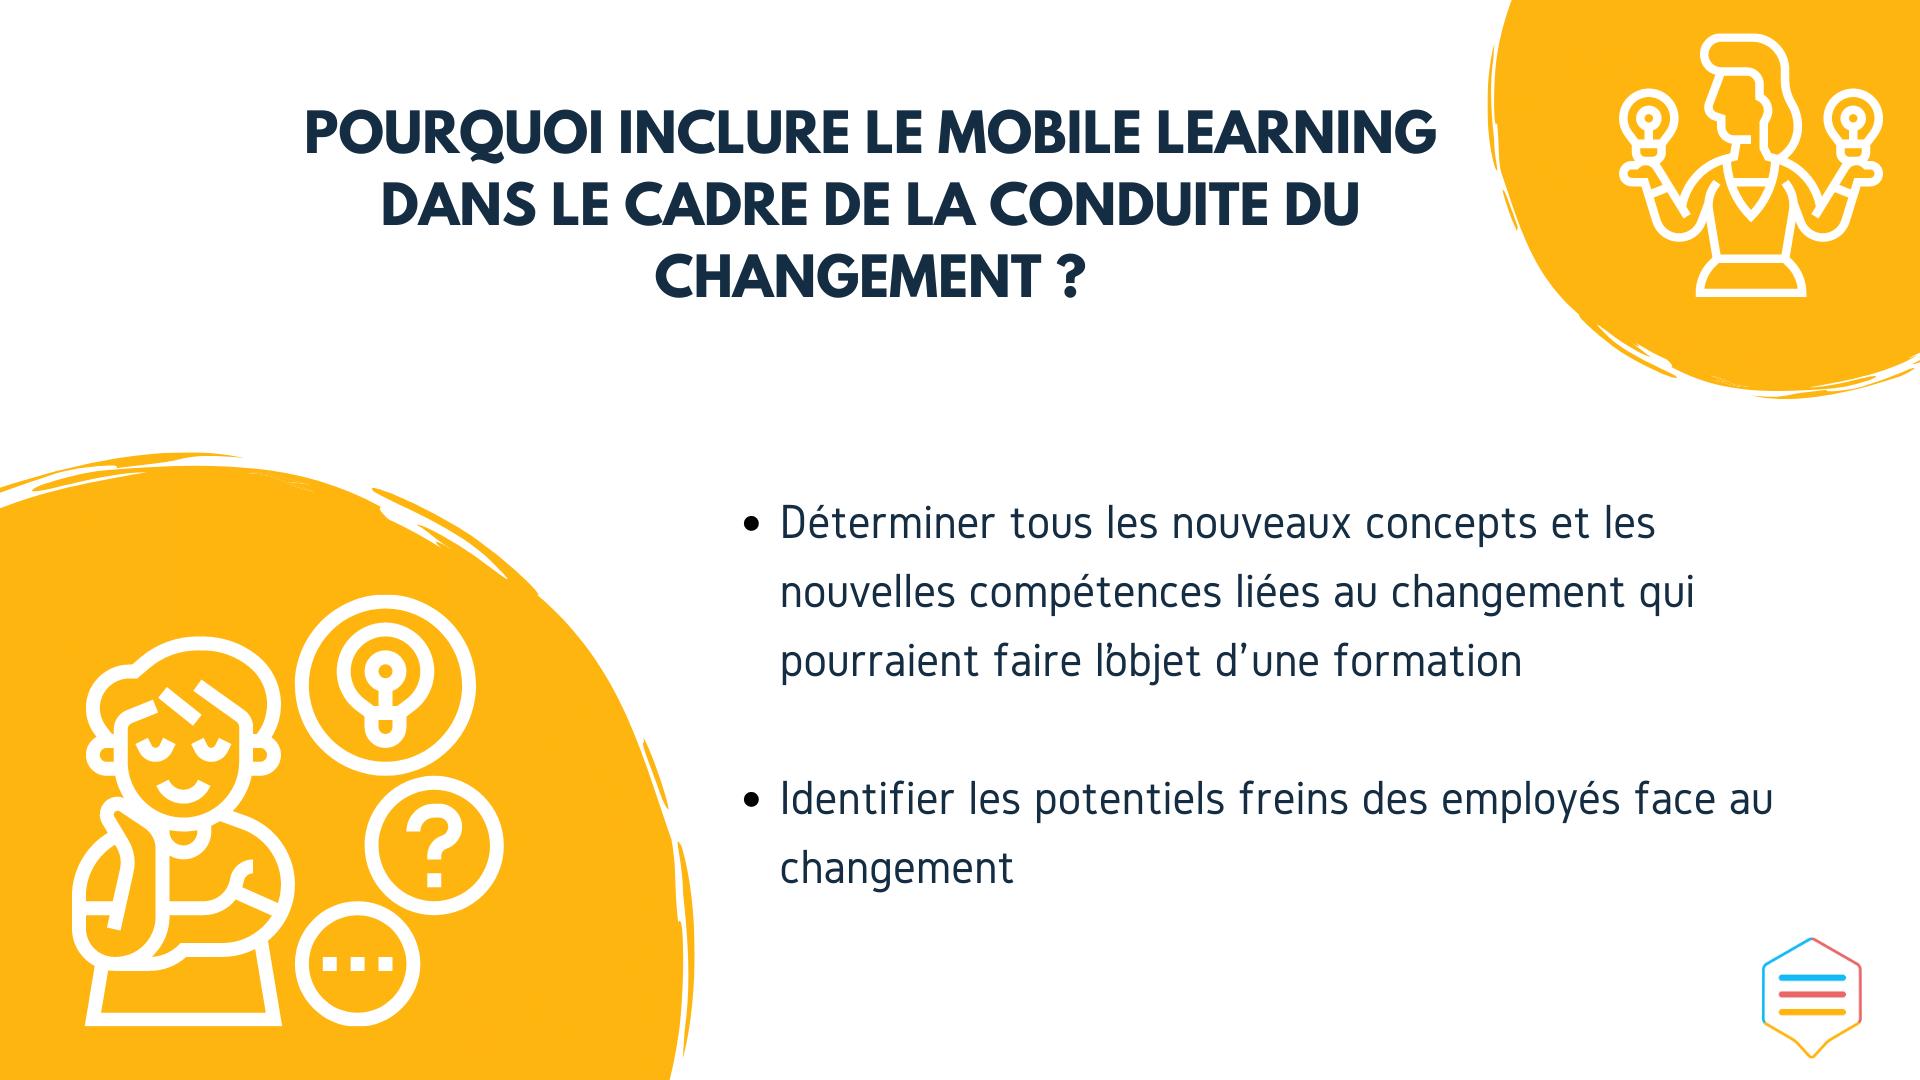 Pourquoi inclure le mobile learning dans le cadre de la conduite du changement ?